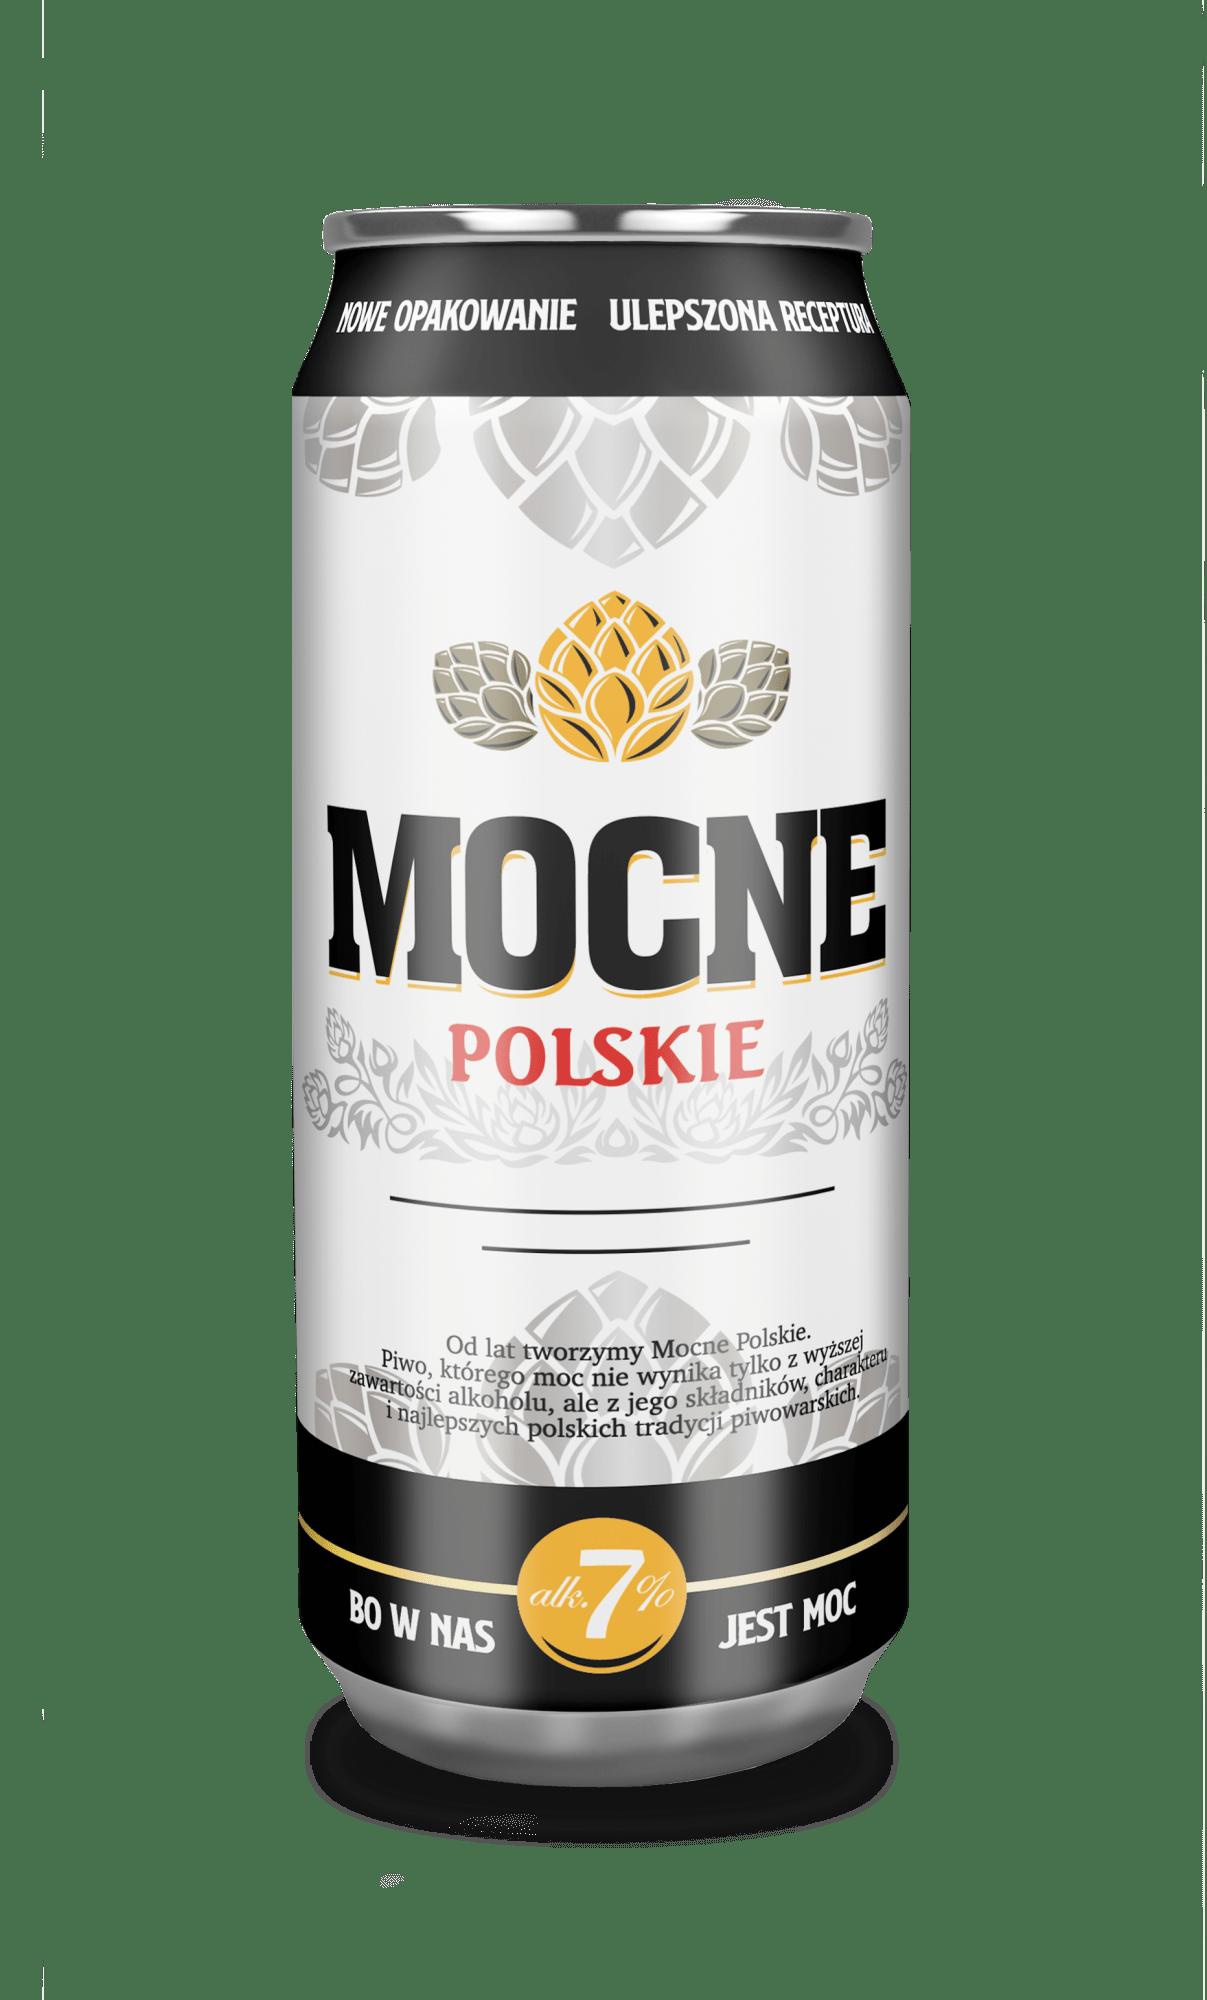 Piwo Mocne Polskie - mocne polskie puszka